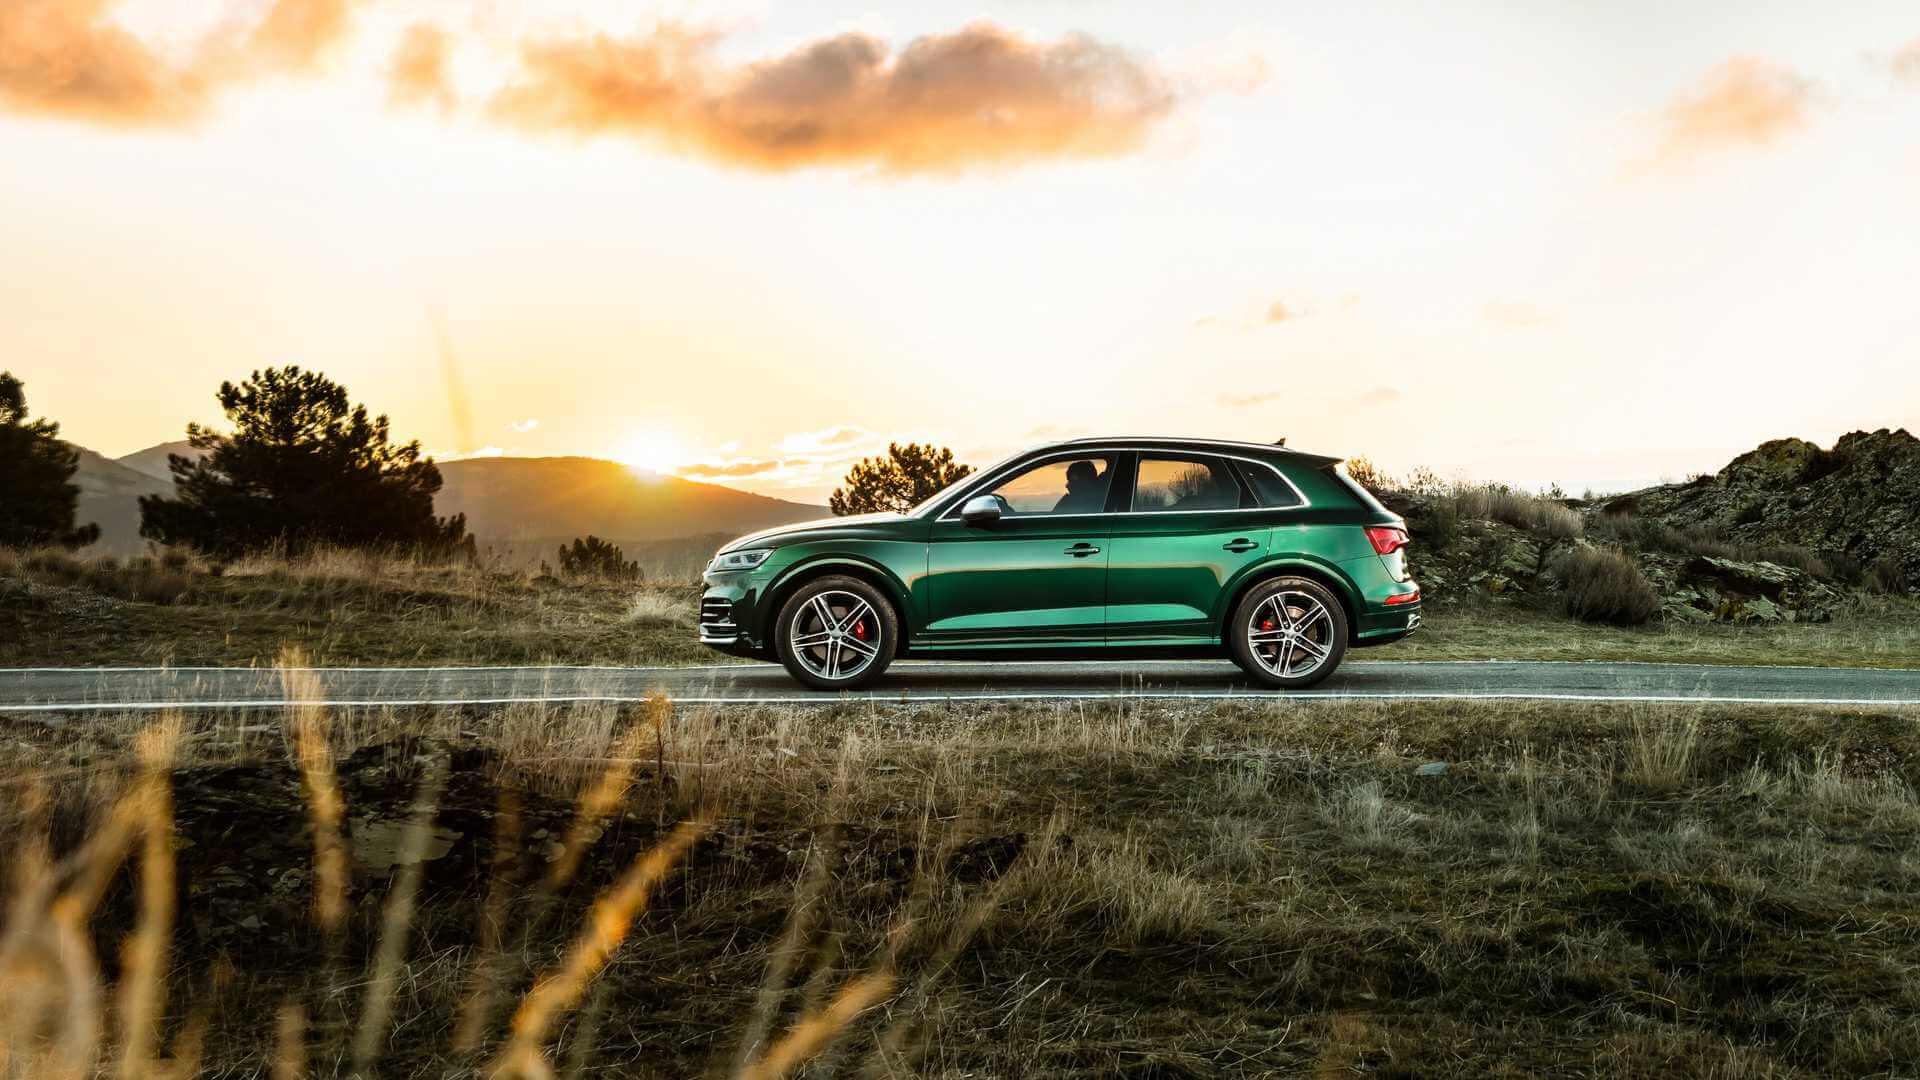 Νέο Audi SQ5 με ντίζελ κινητήρα 354 ίππων!